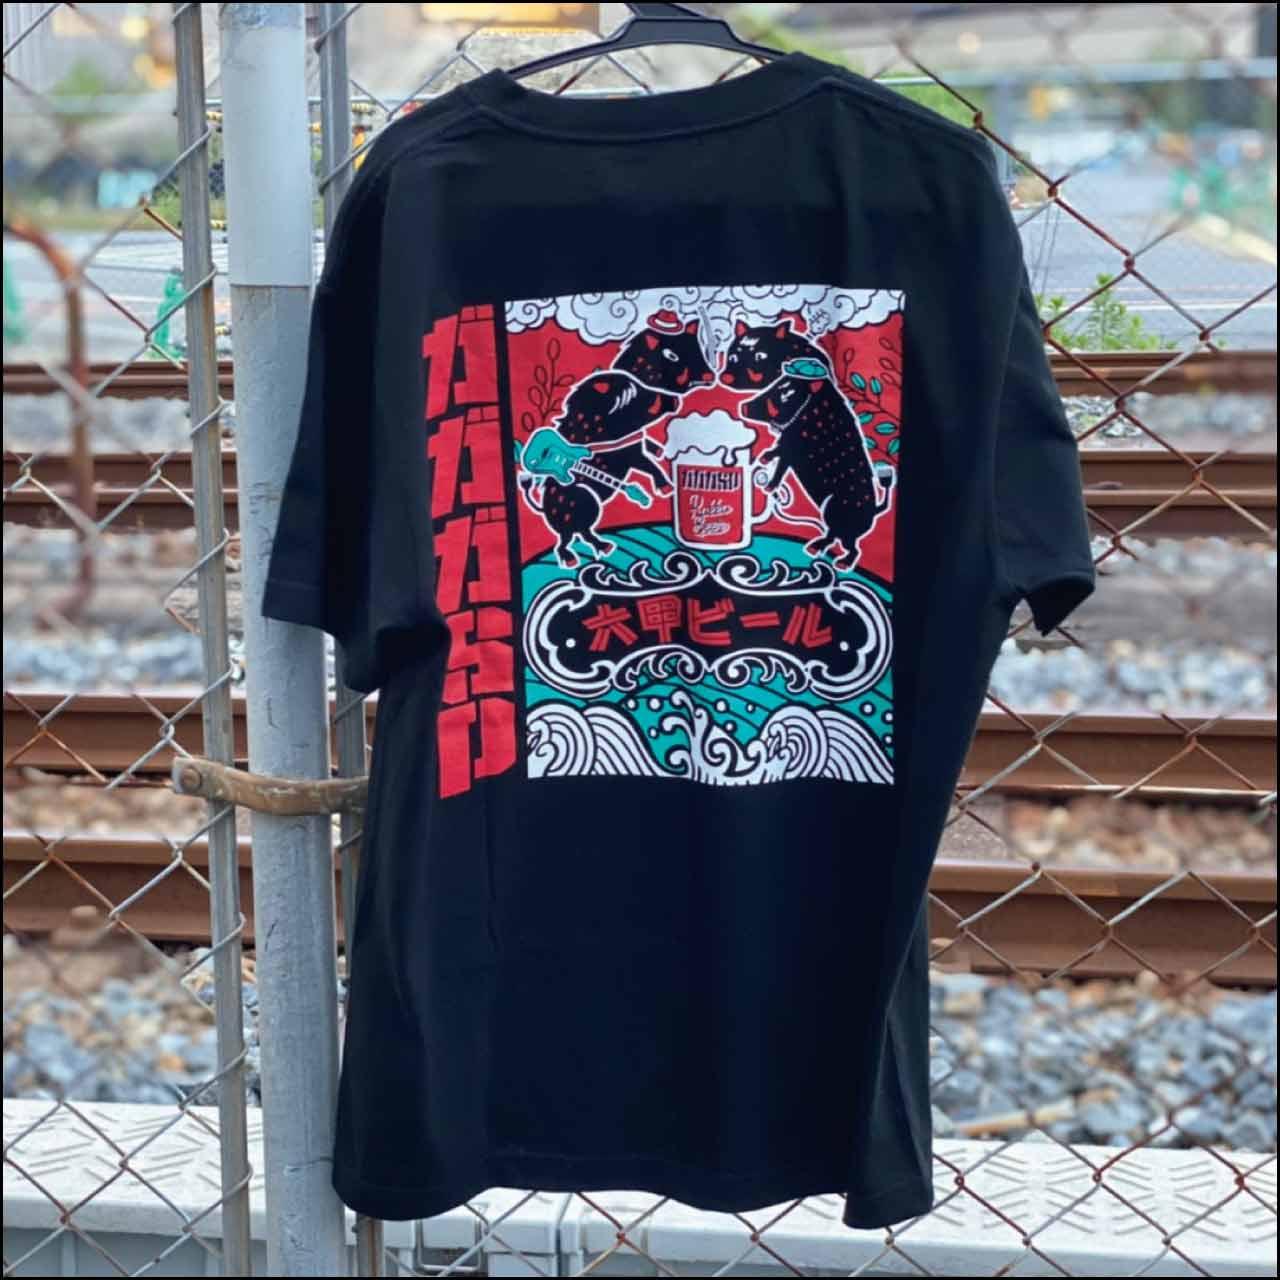 ガガガSP×六甲ビールコラボデザインTシャツ